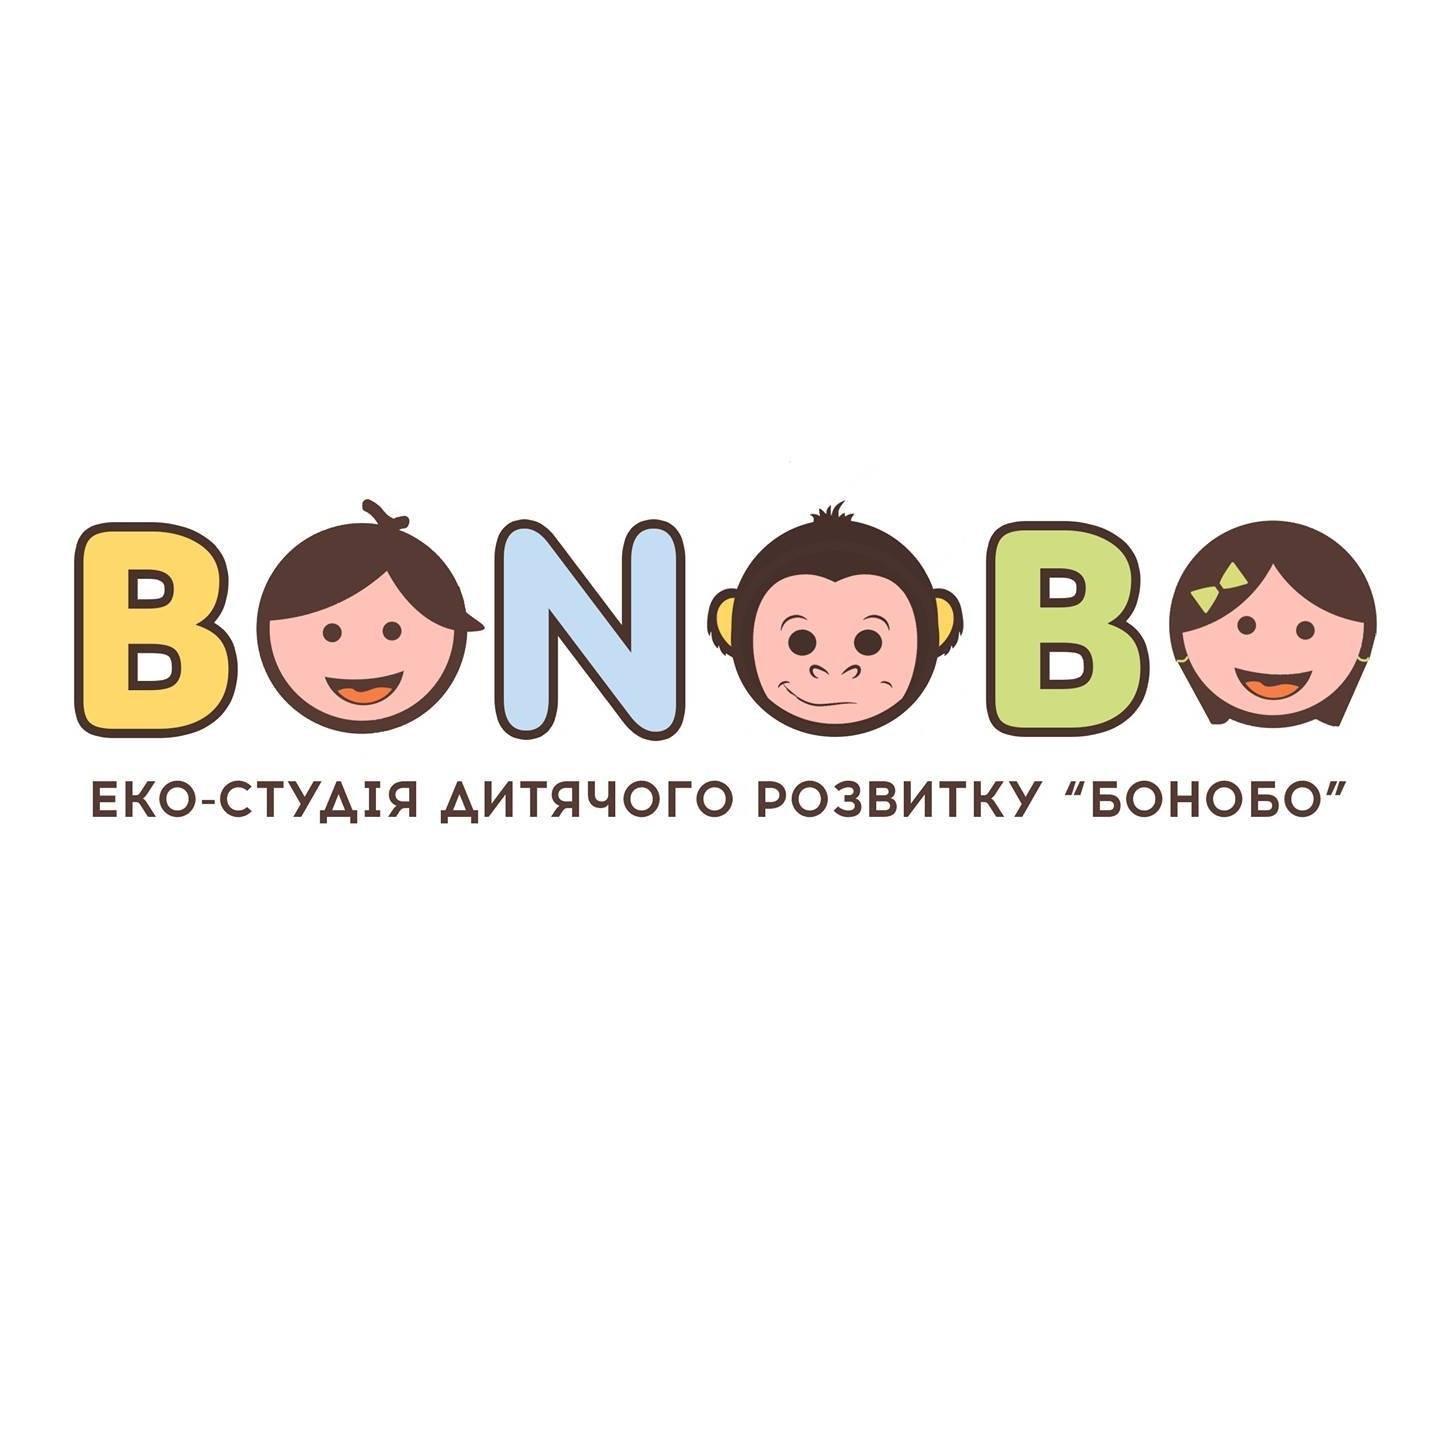 Эко-студия детского развития Бонобо